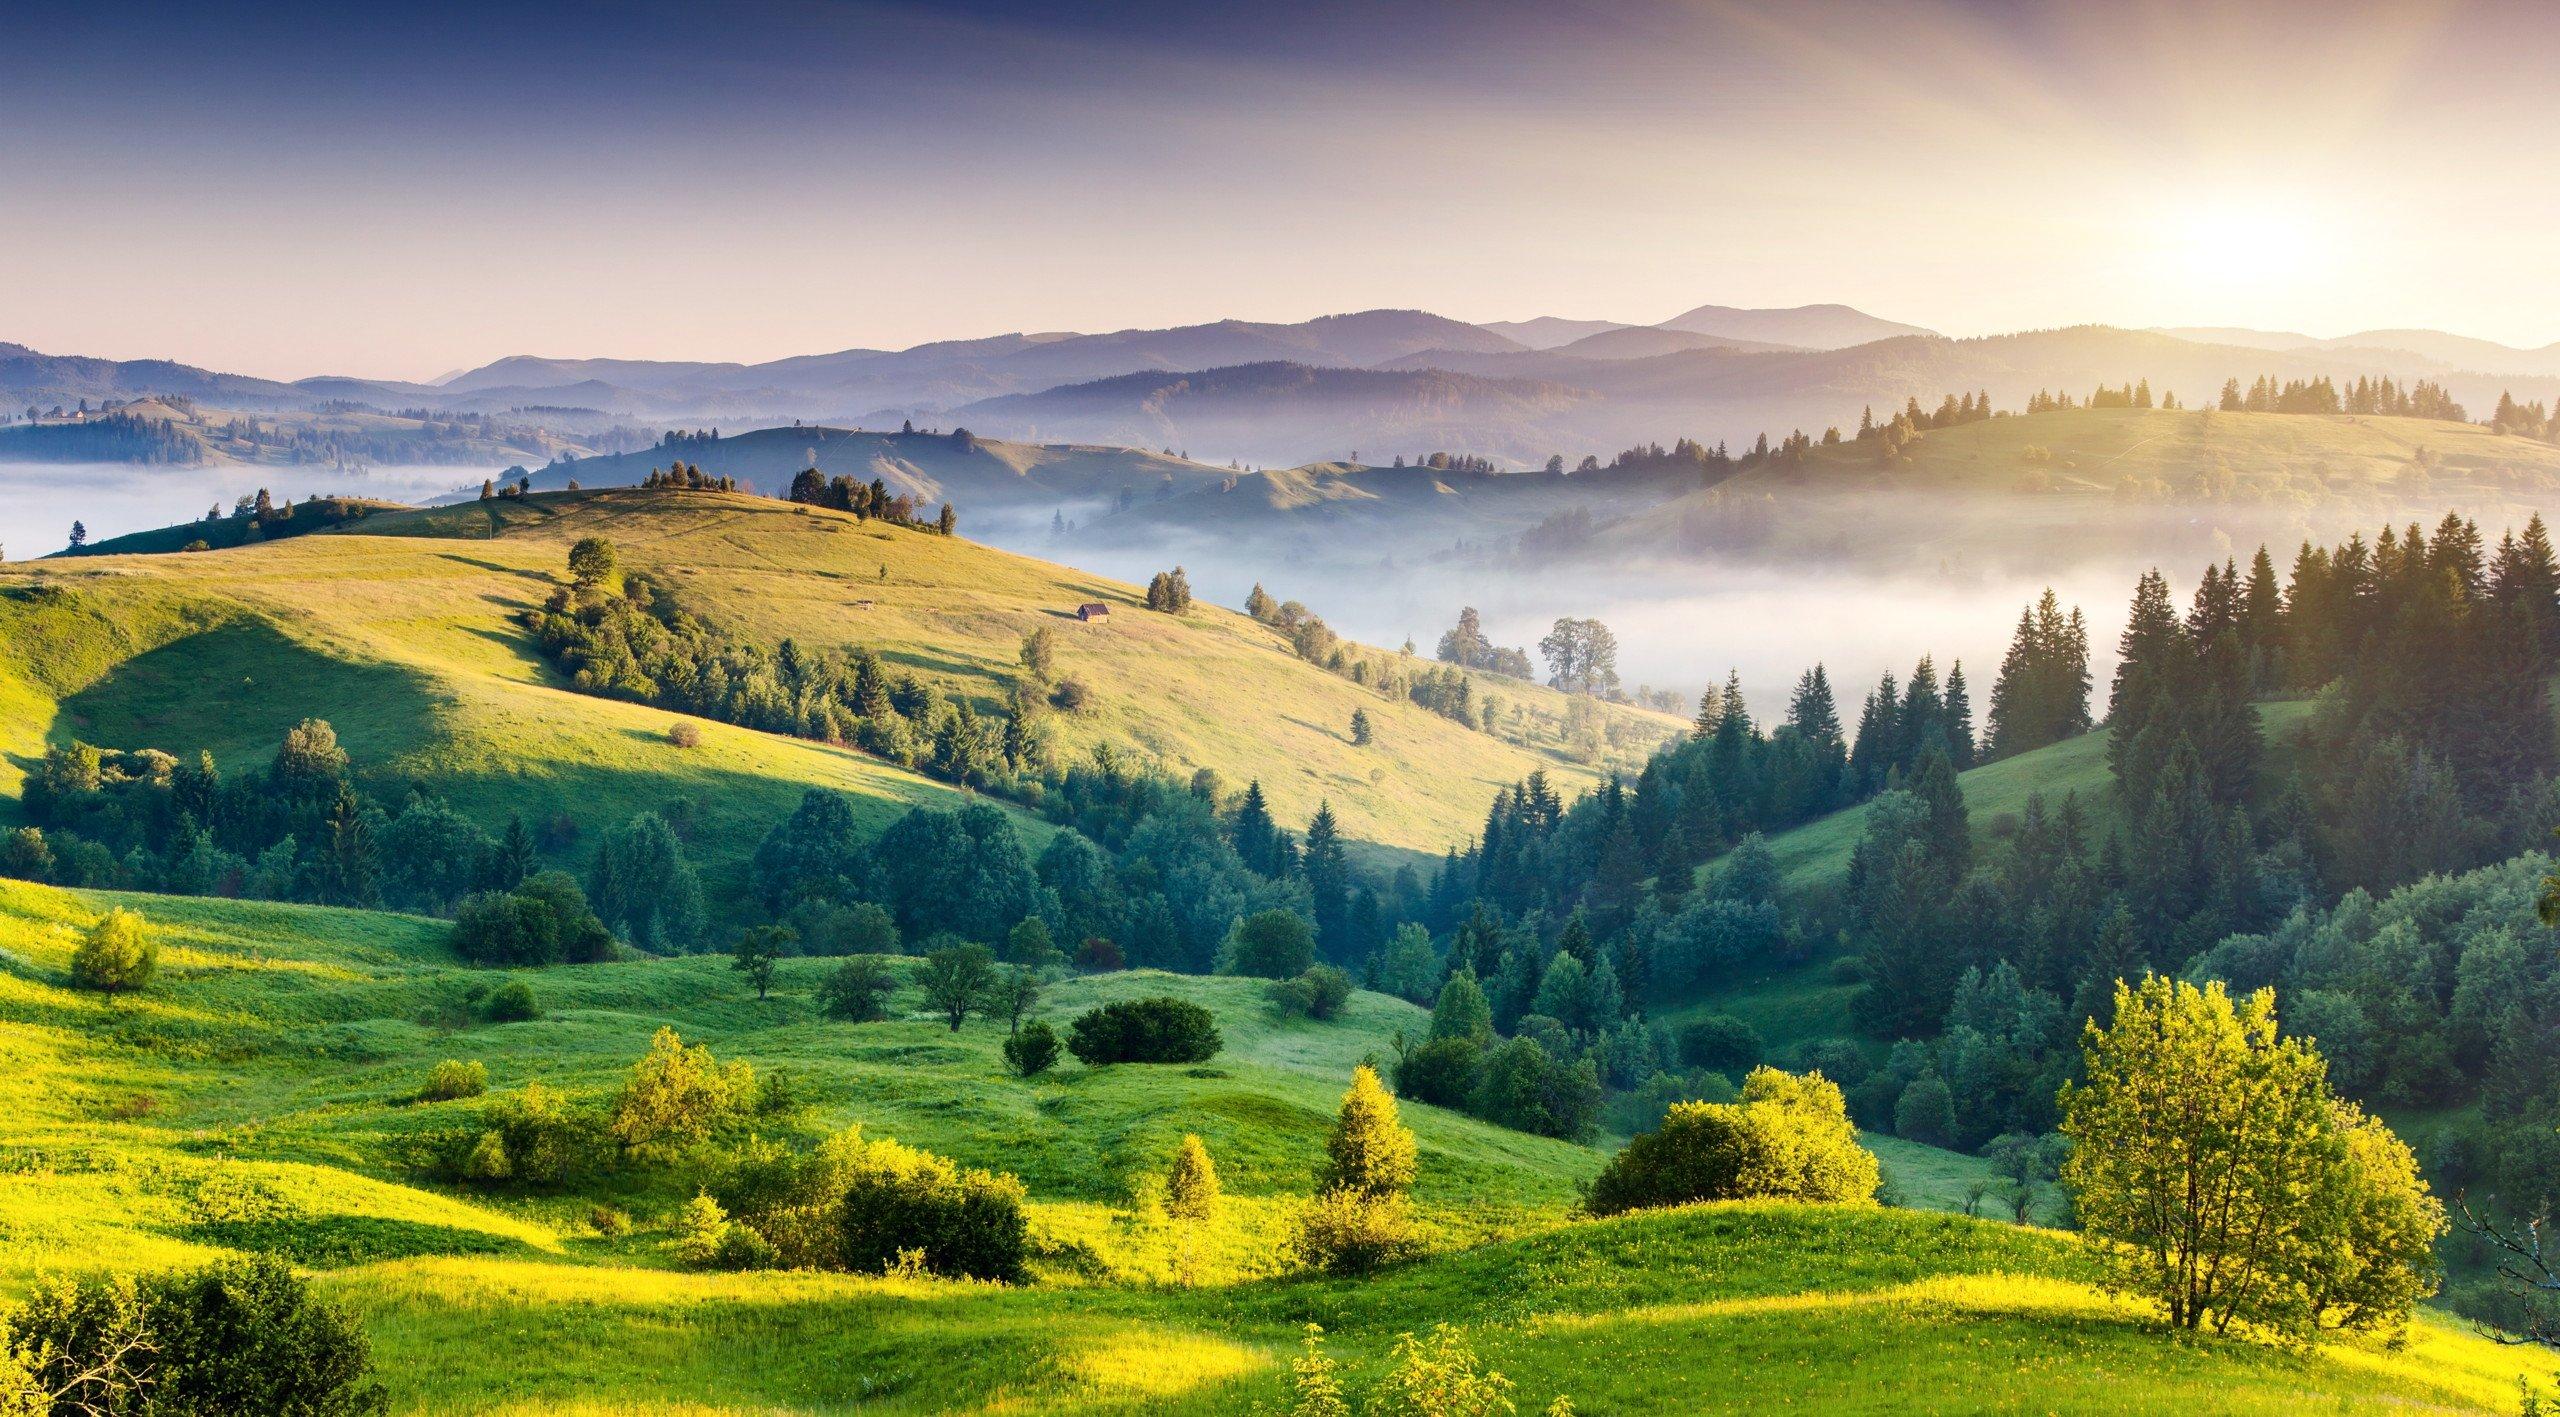 Cảnh thiên nhiên cao nguyên ngát xanh